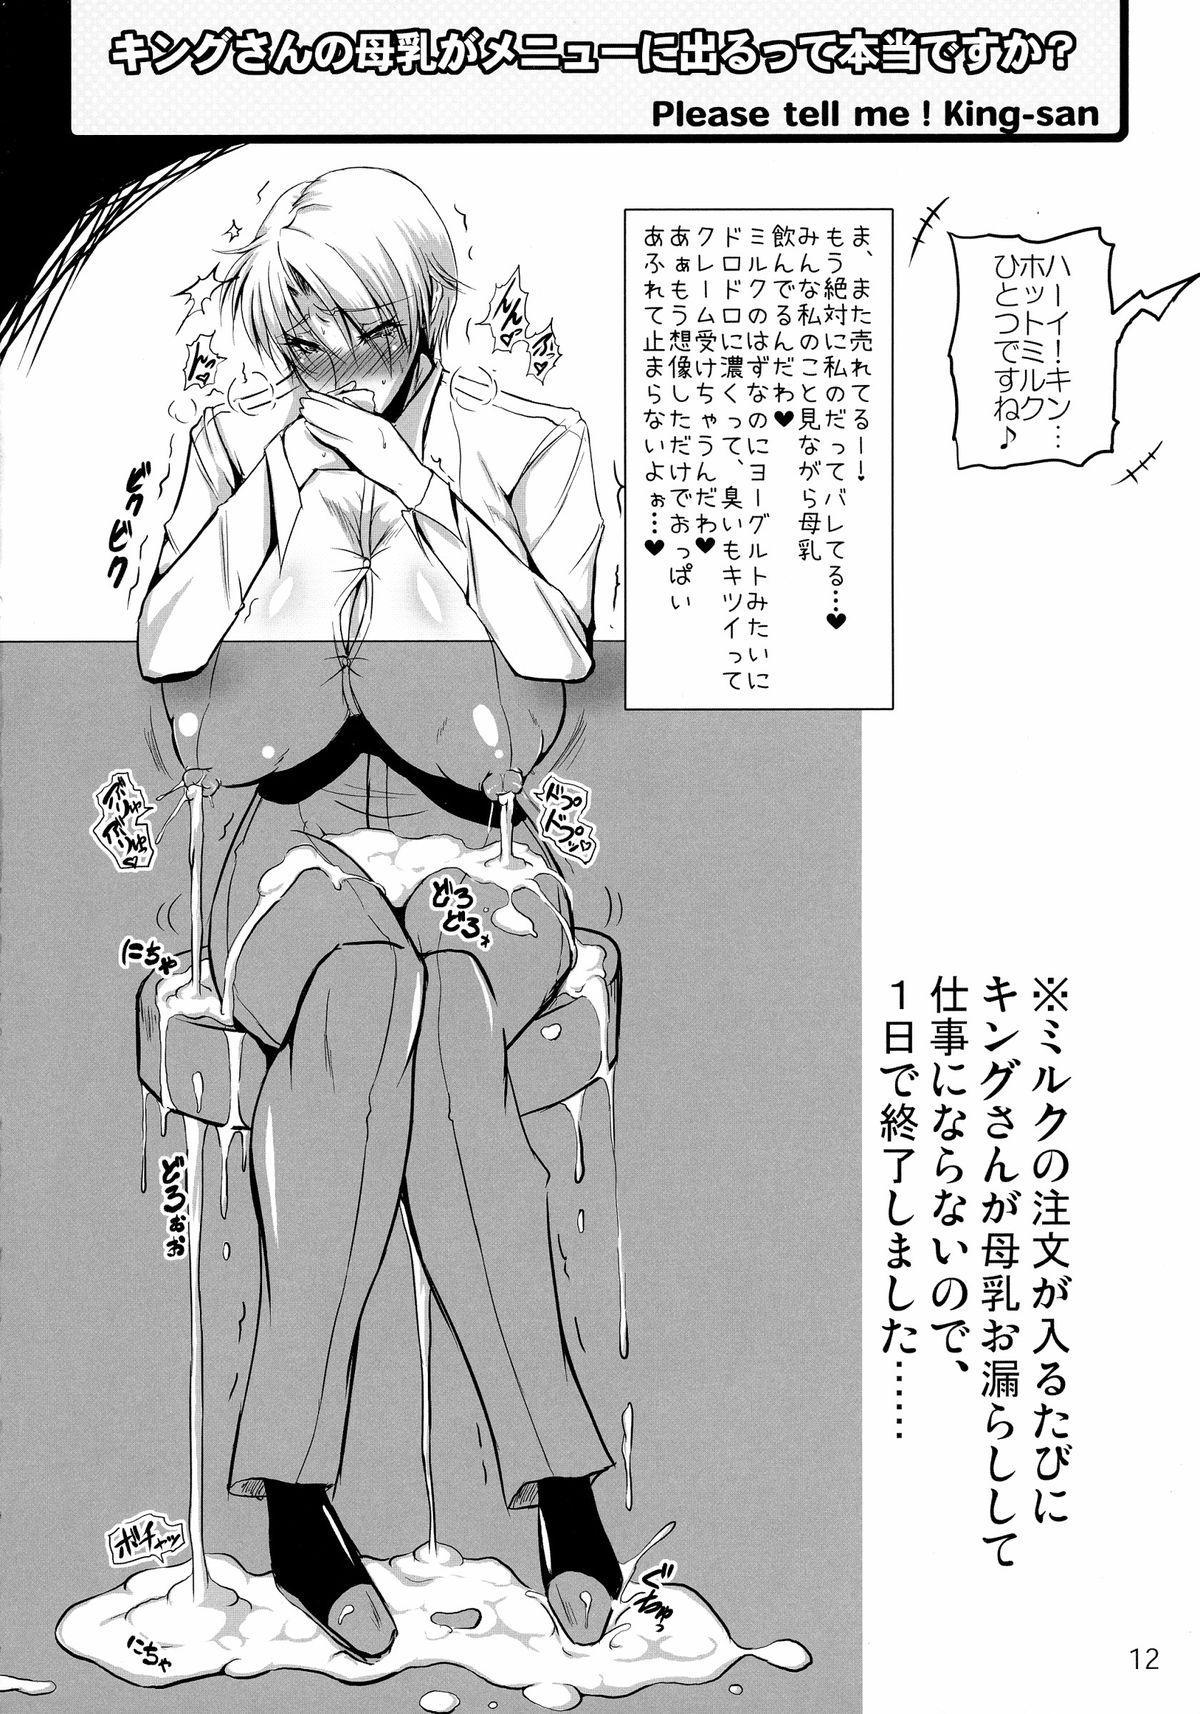 Oshiete! King-san 11